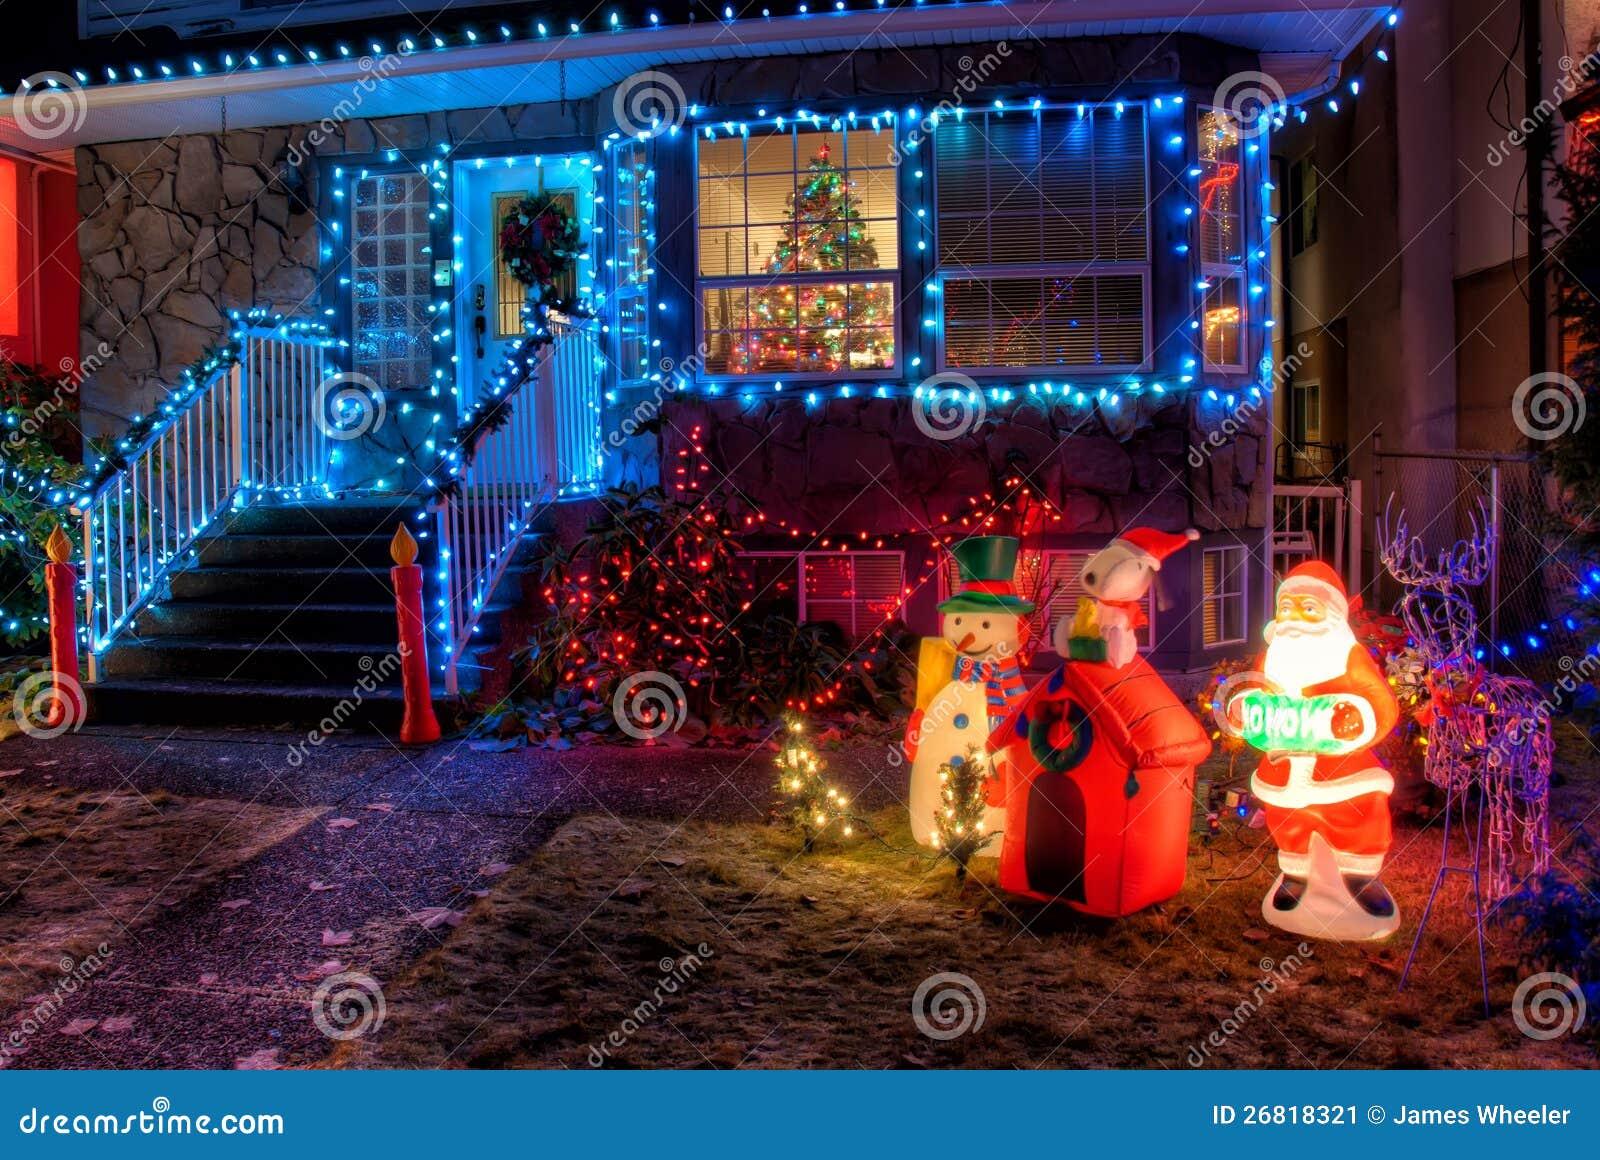 Casa adornada con las luces de la navidad imagen de - La casa de la navidad ...